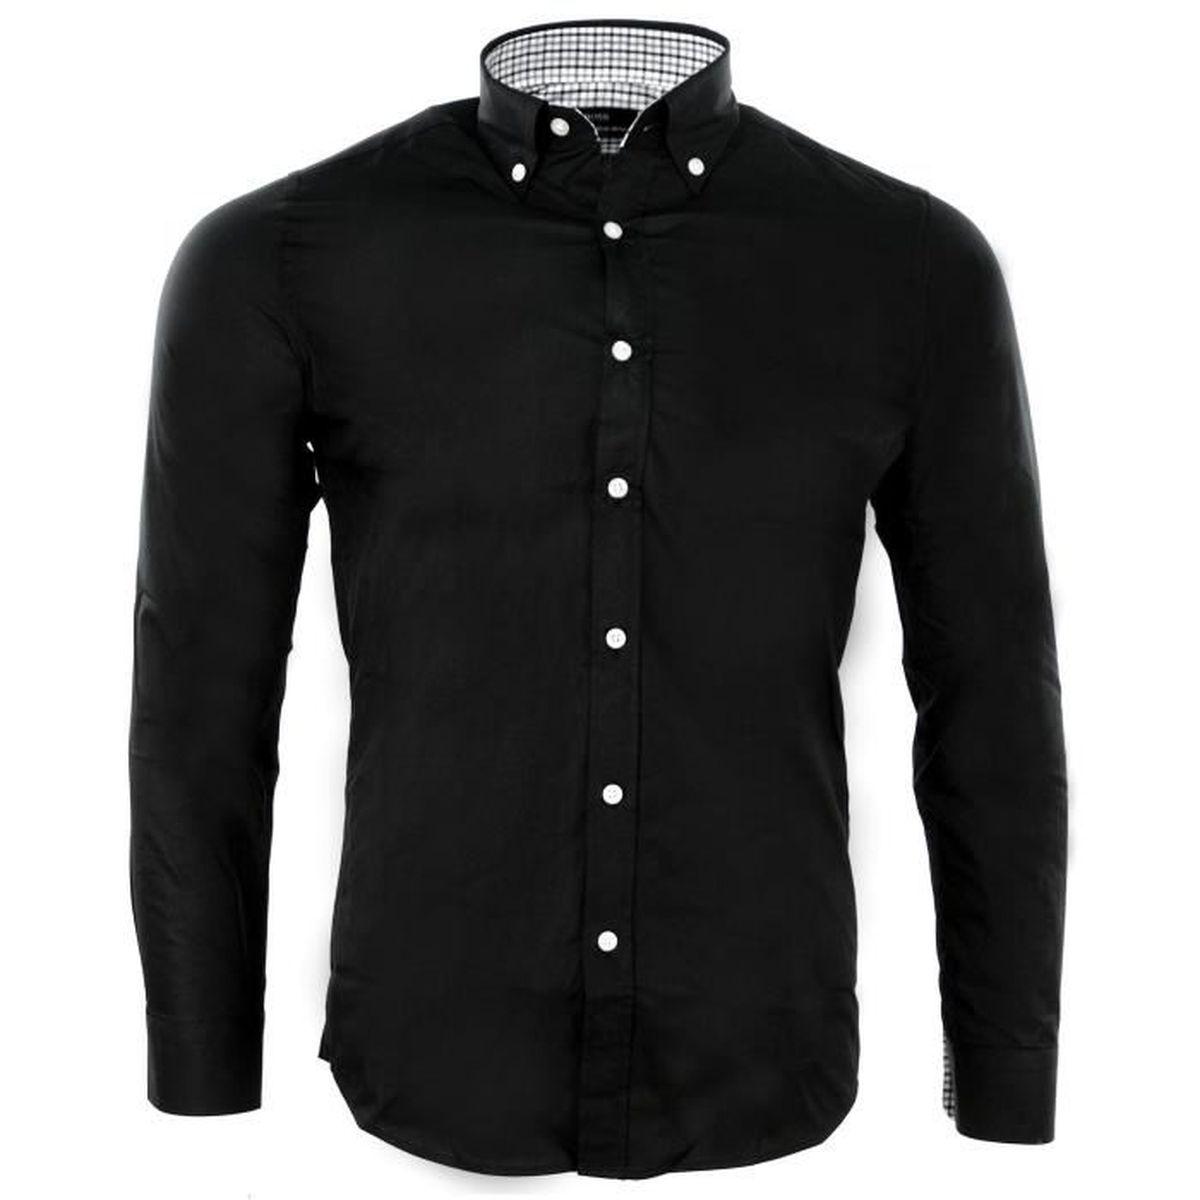 3a6050fb1c4d4 CHEMISE HUGO BOSS HOMME Noir - Achat   Vente chemise - chemisette ...